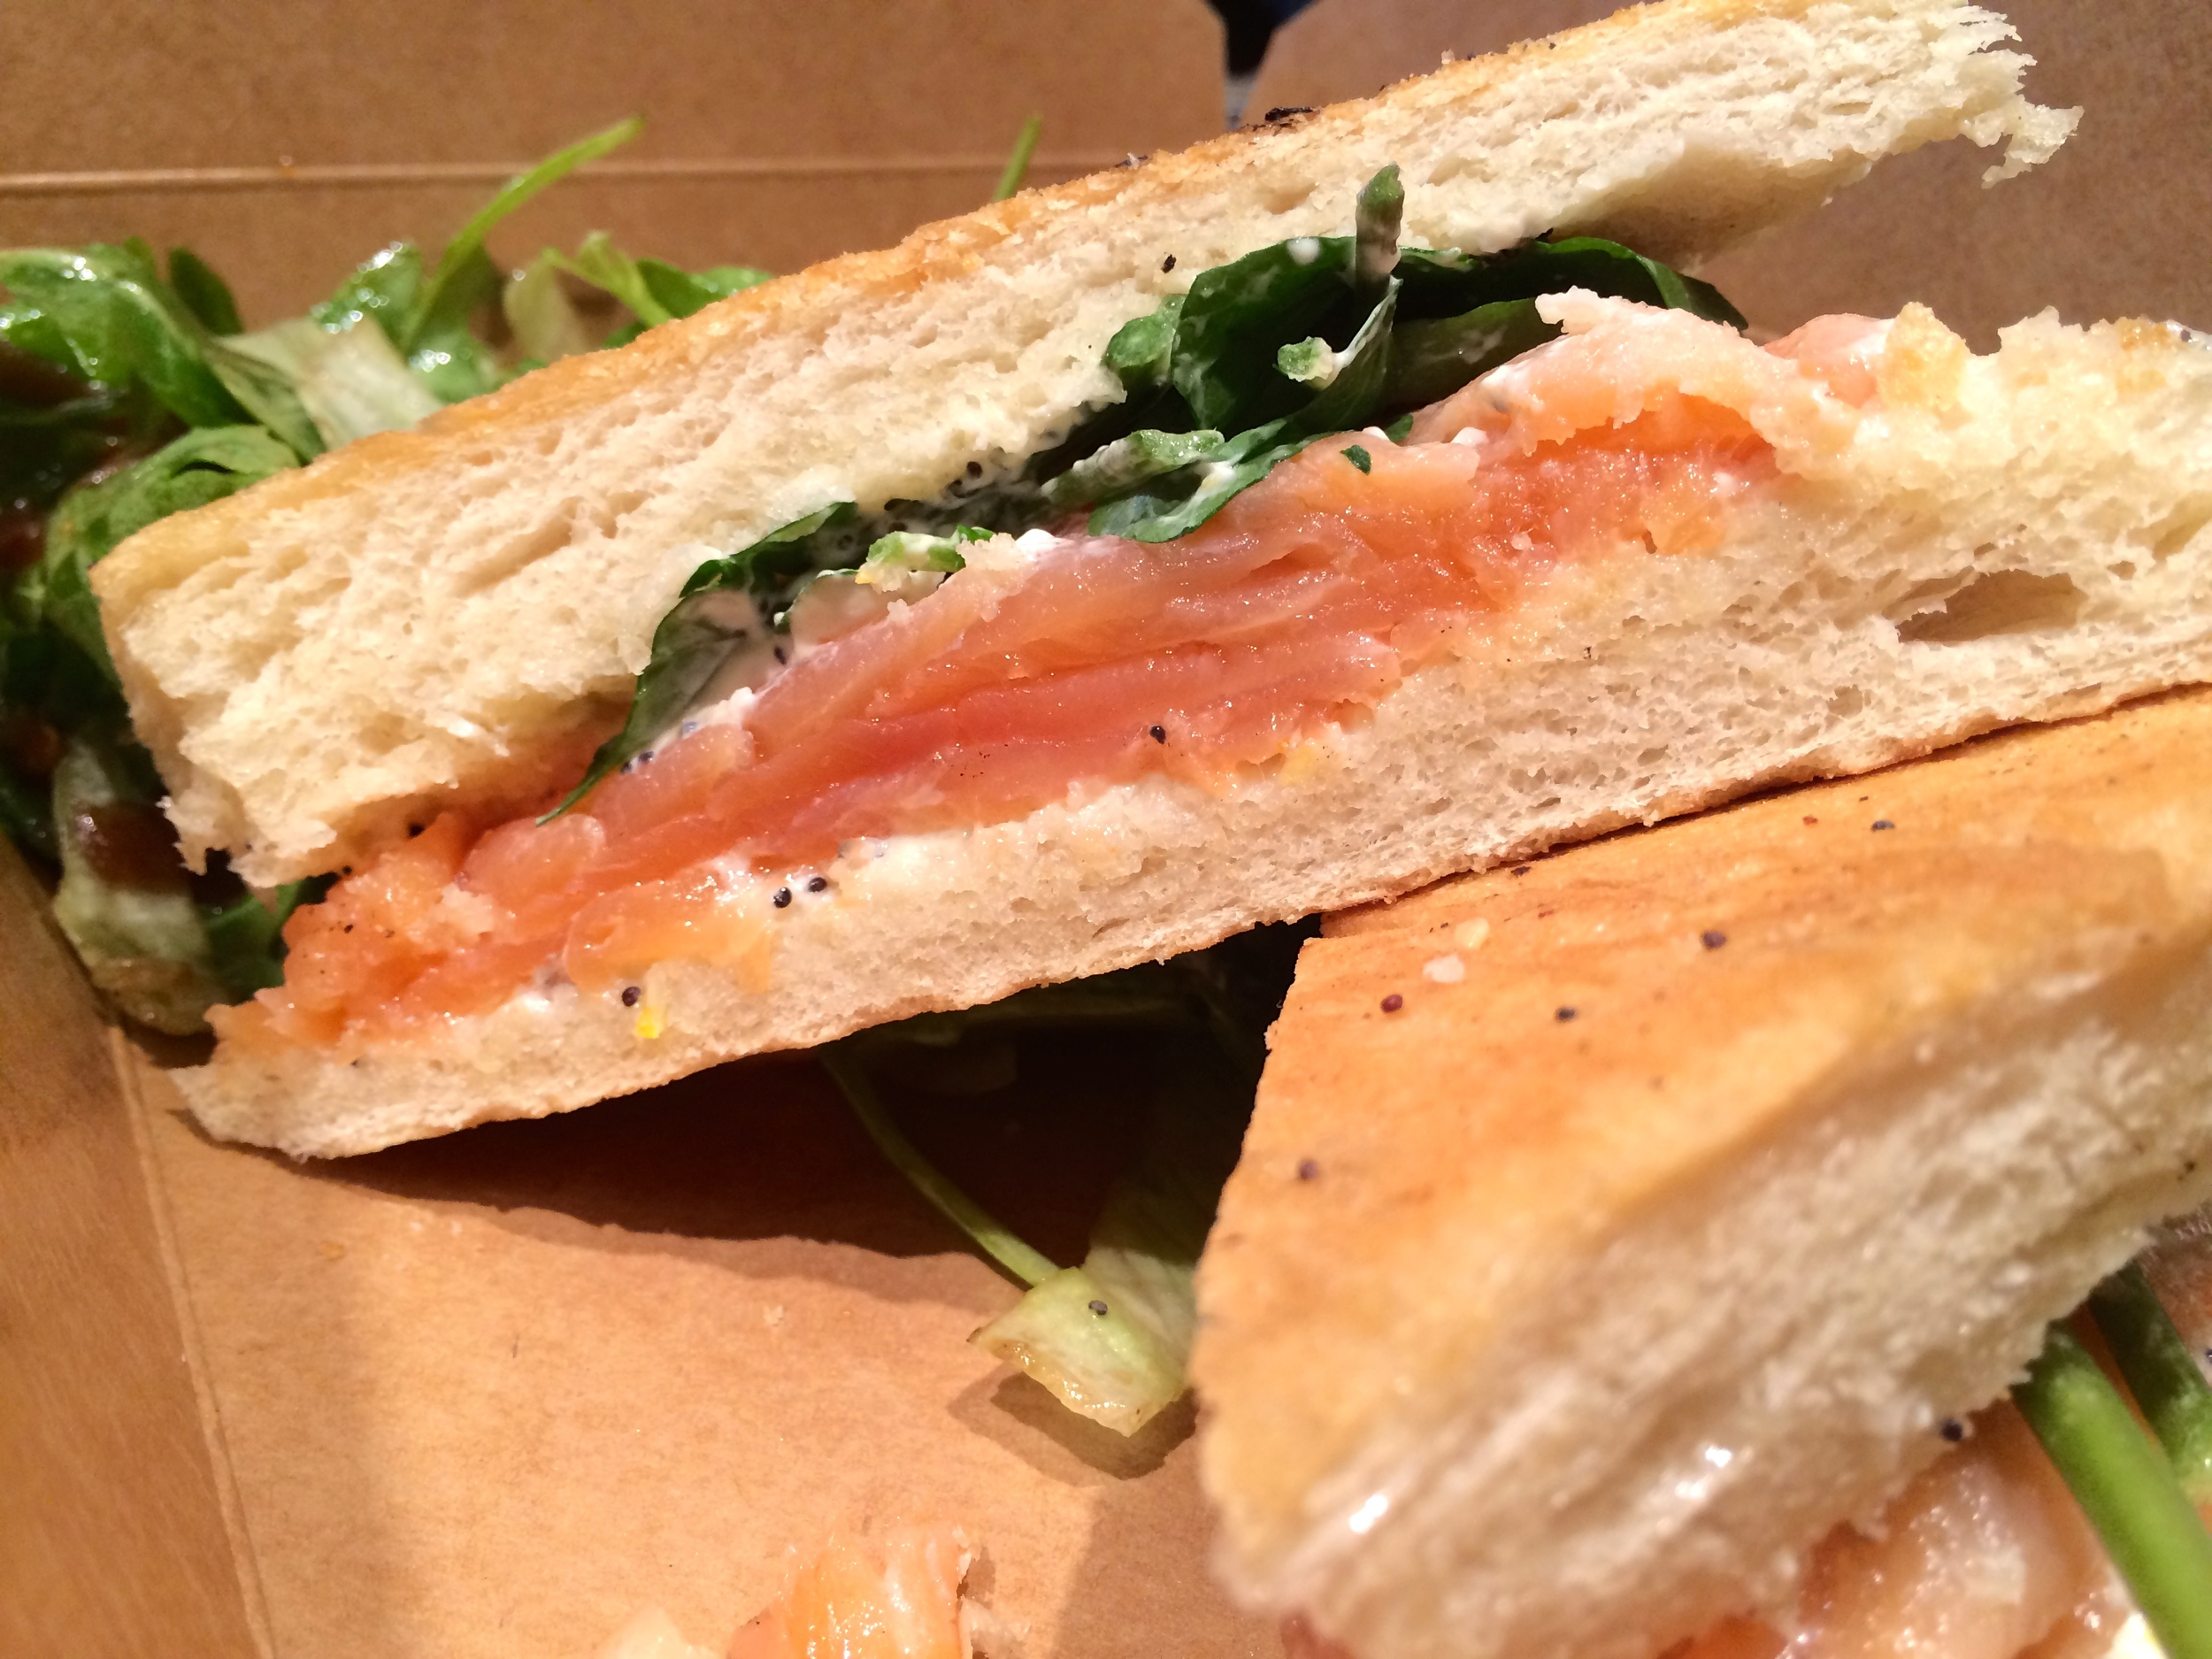 Scottish Smoked Salmon, Watercress, Poppy Seed and Orange Mascarpone Sandwich on Ciabatta